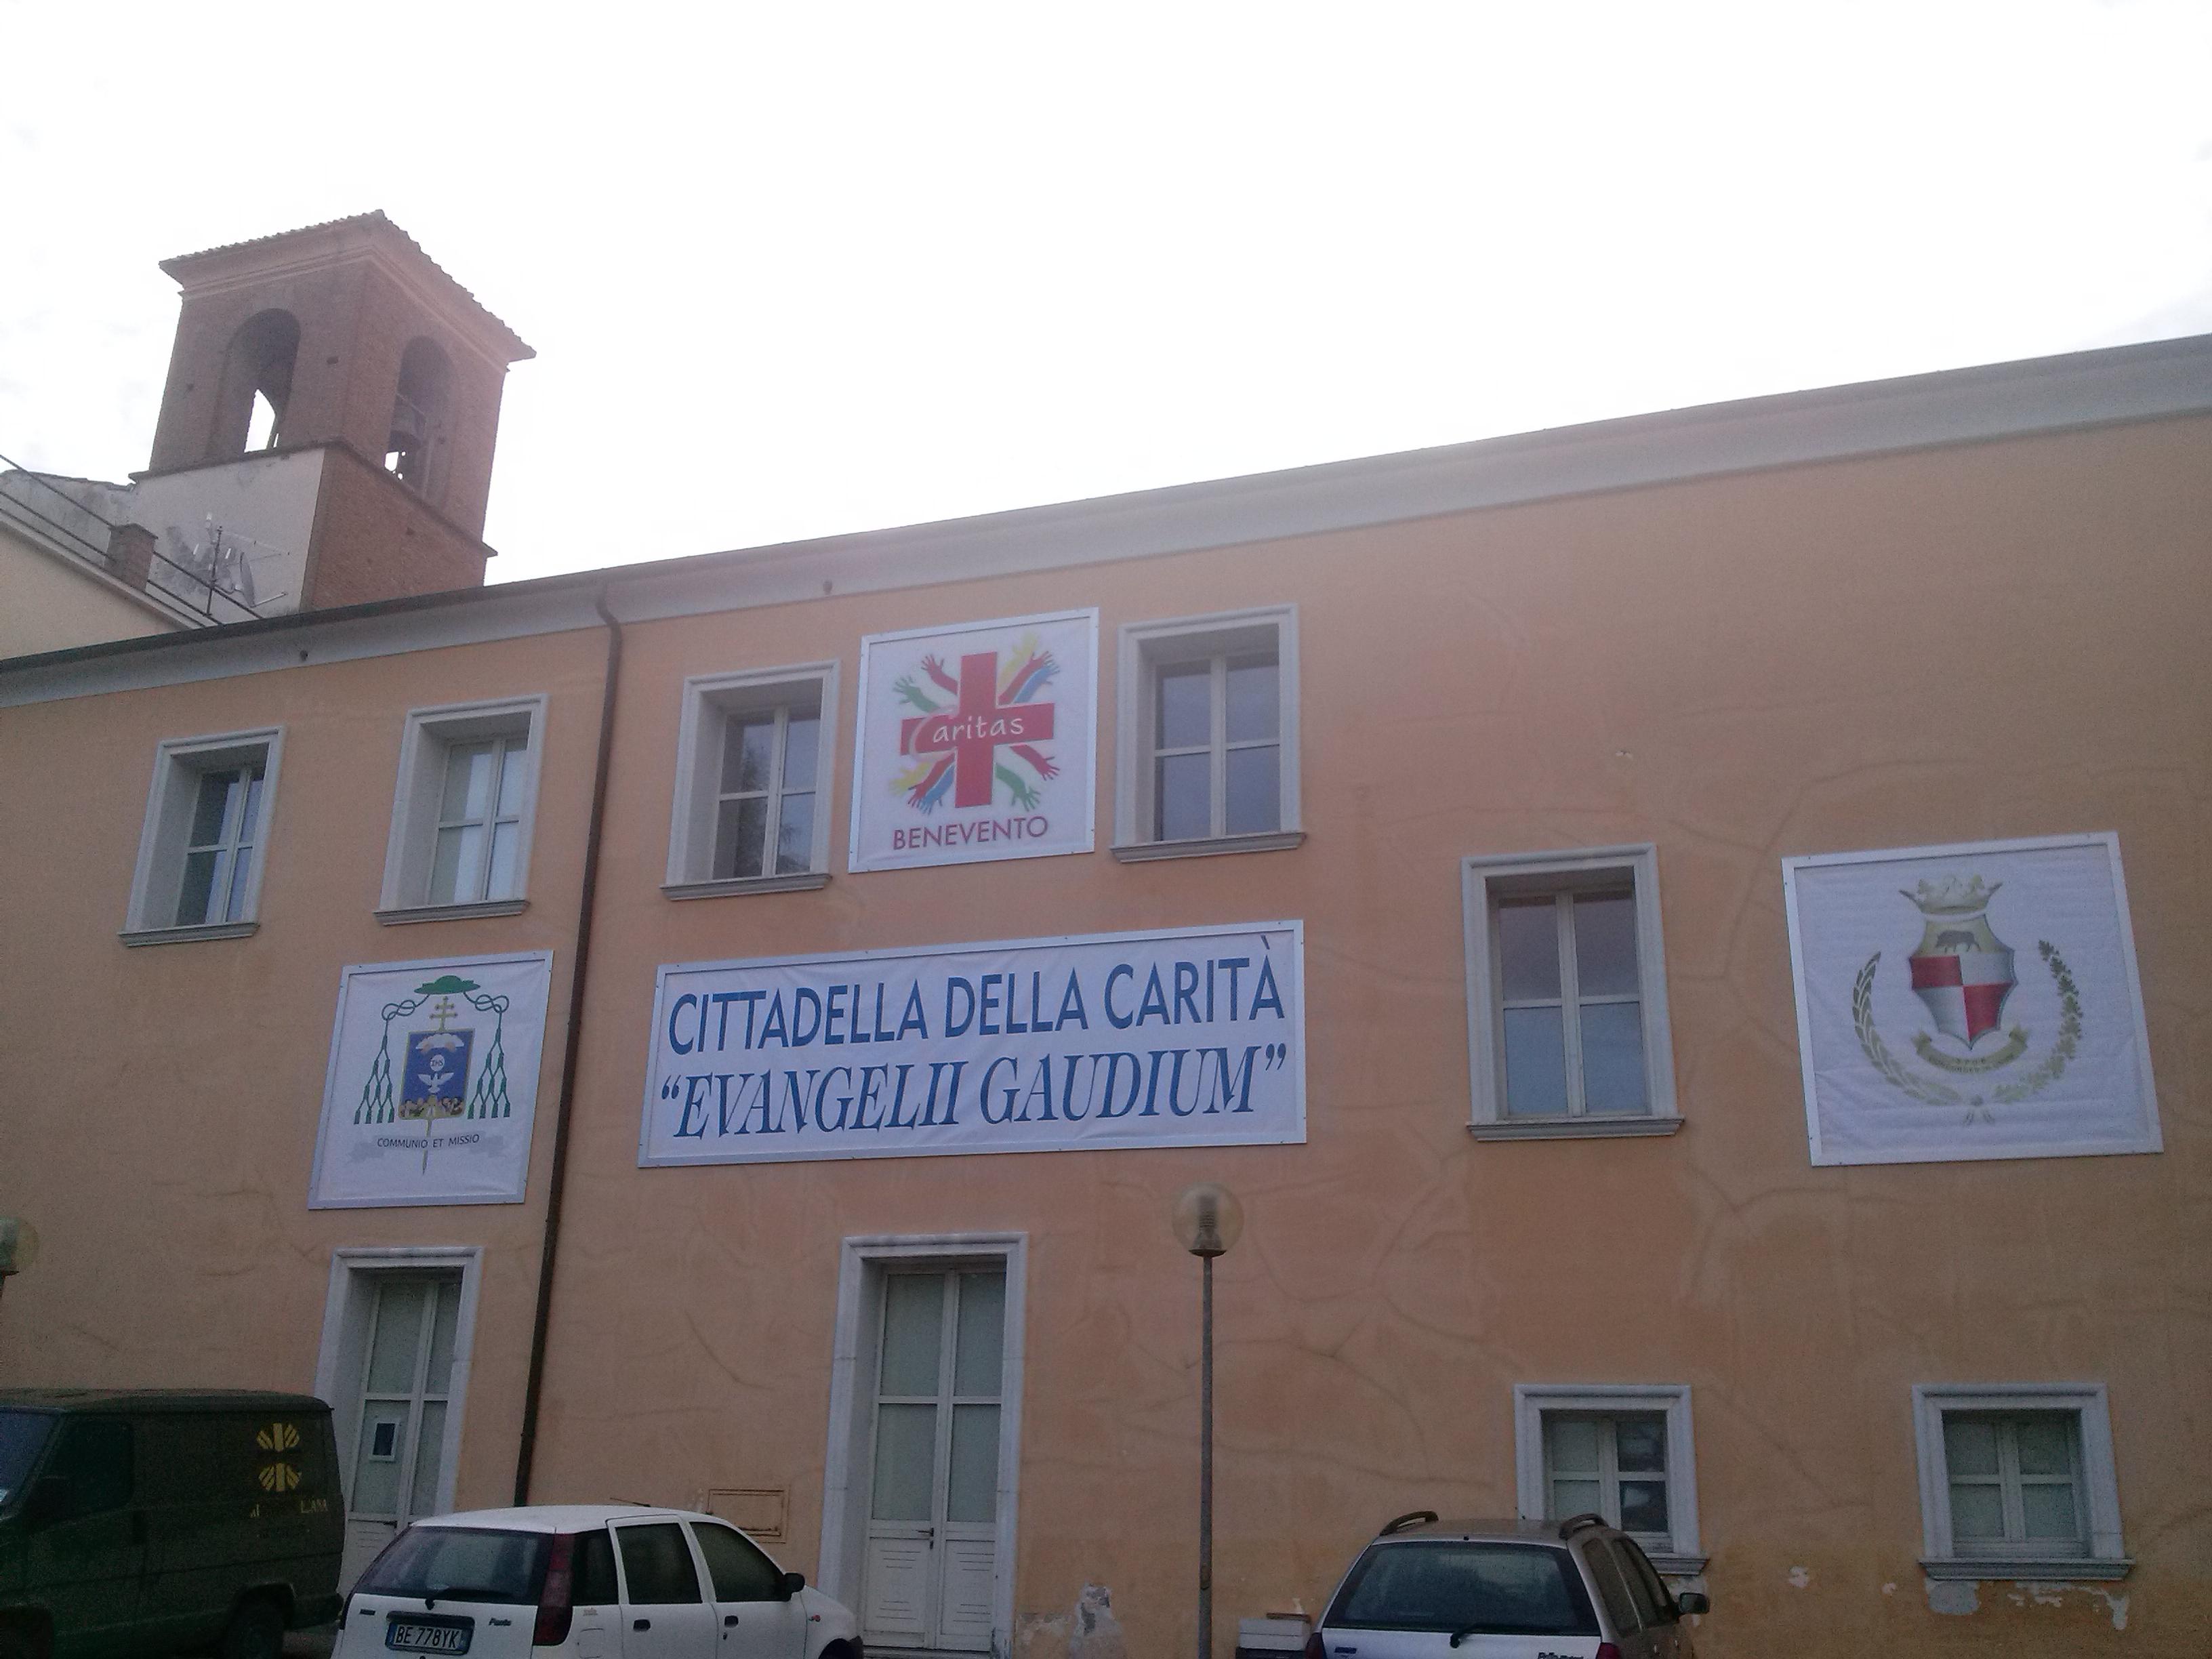 Caritas Benevento, al via secondo corso di formazione per Caritas parrocchiali